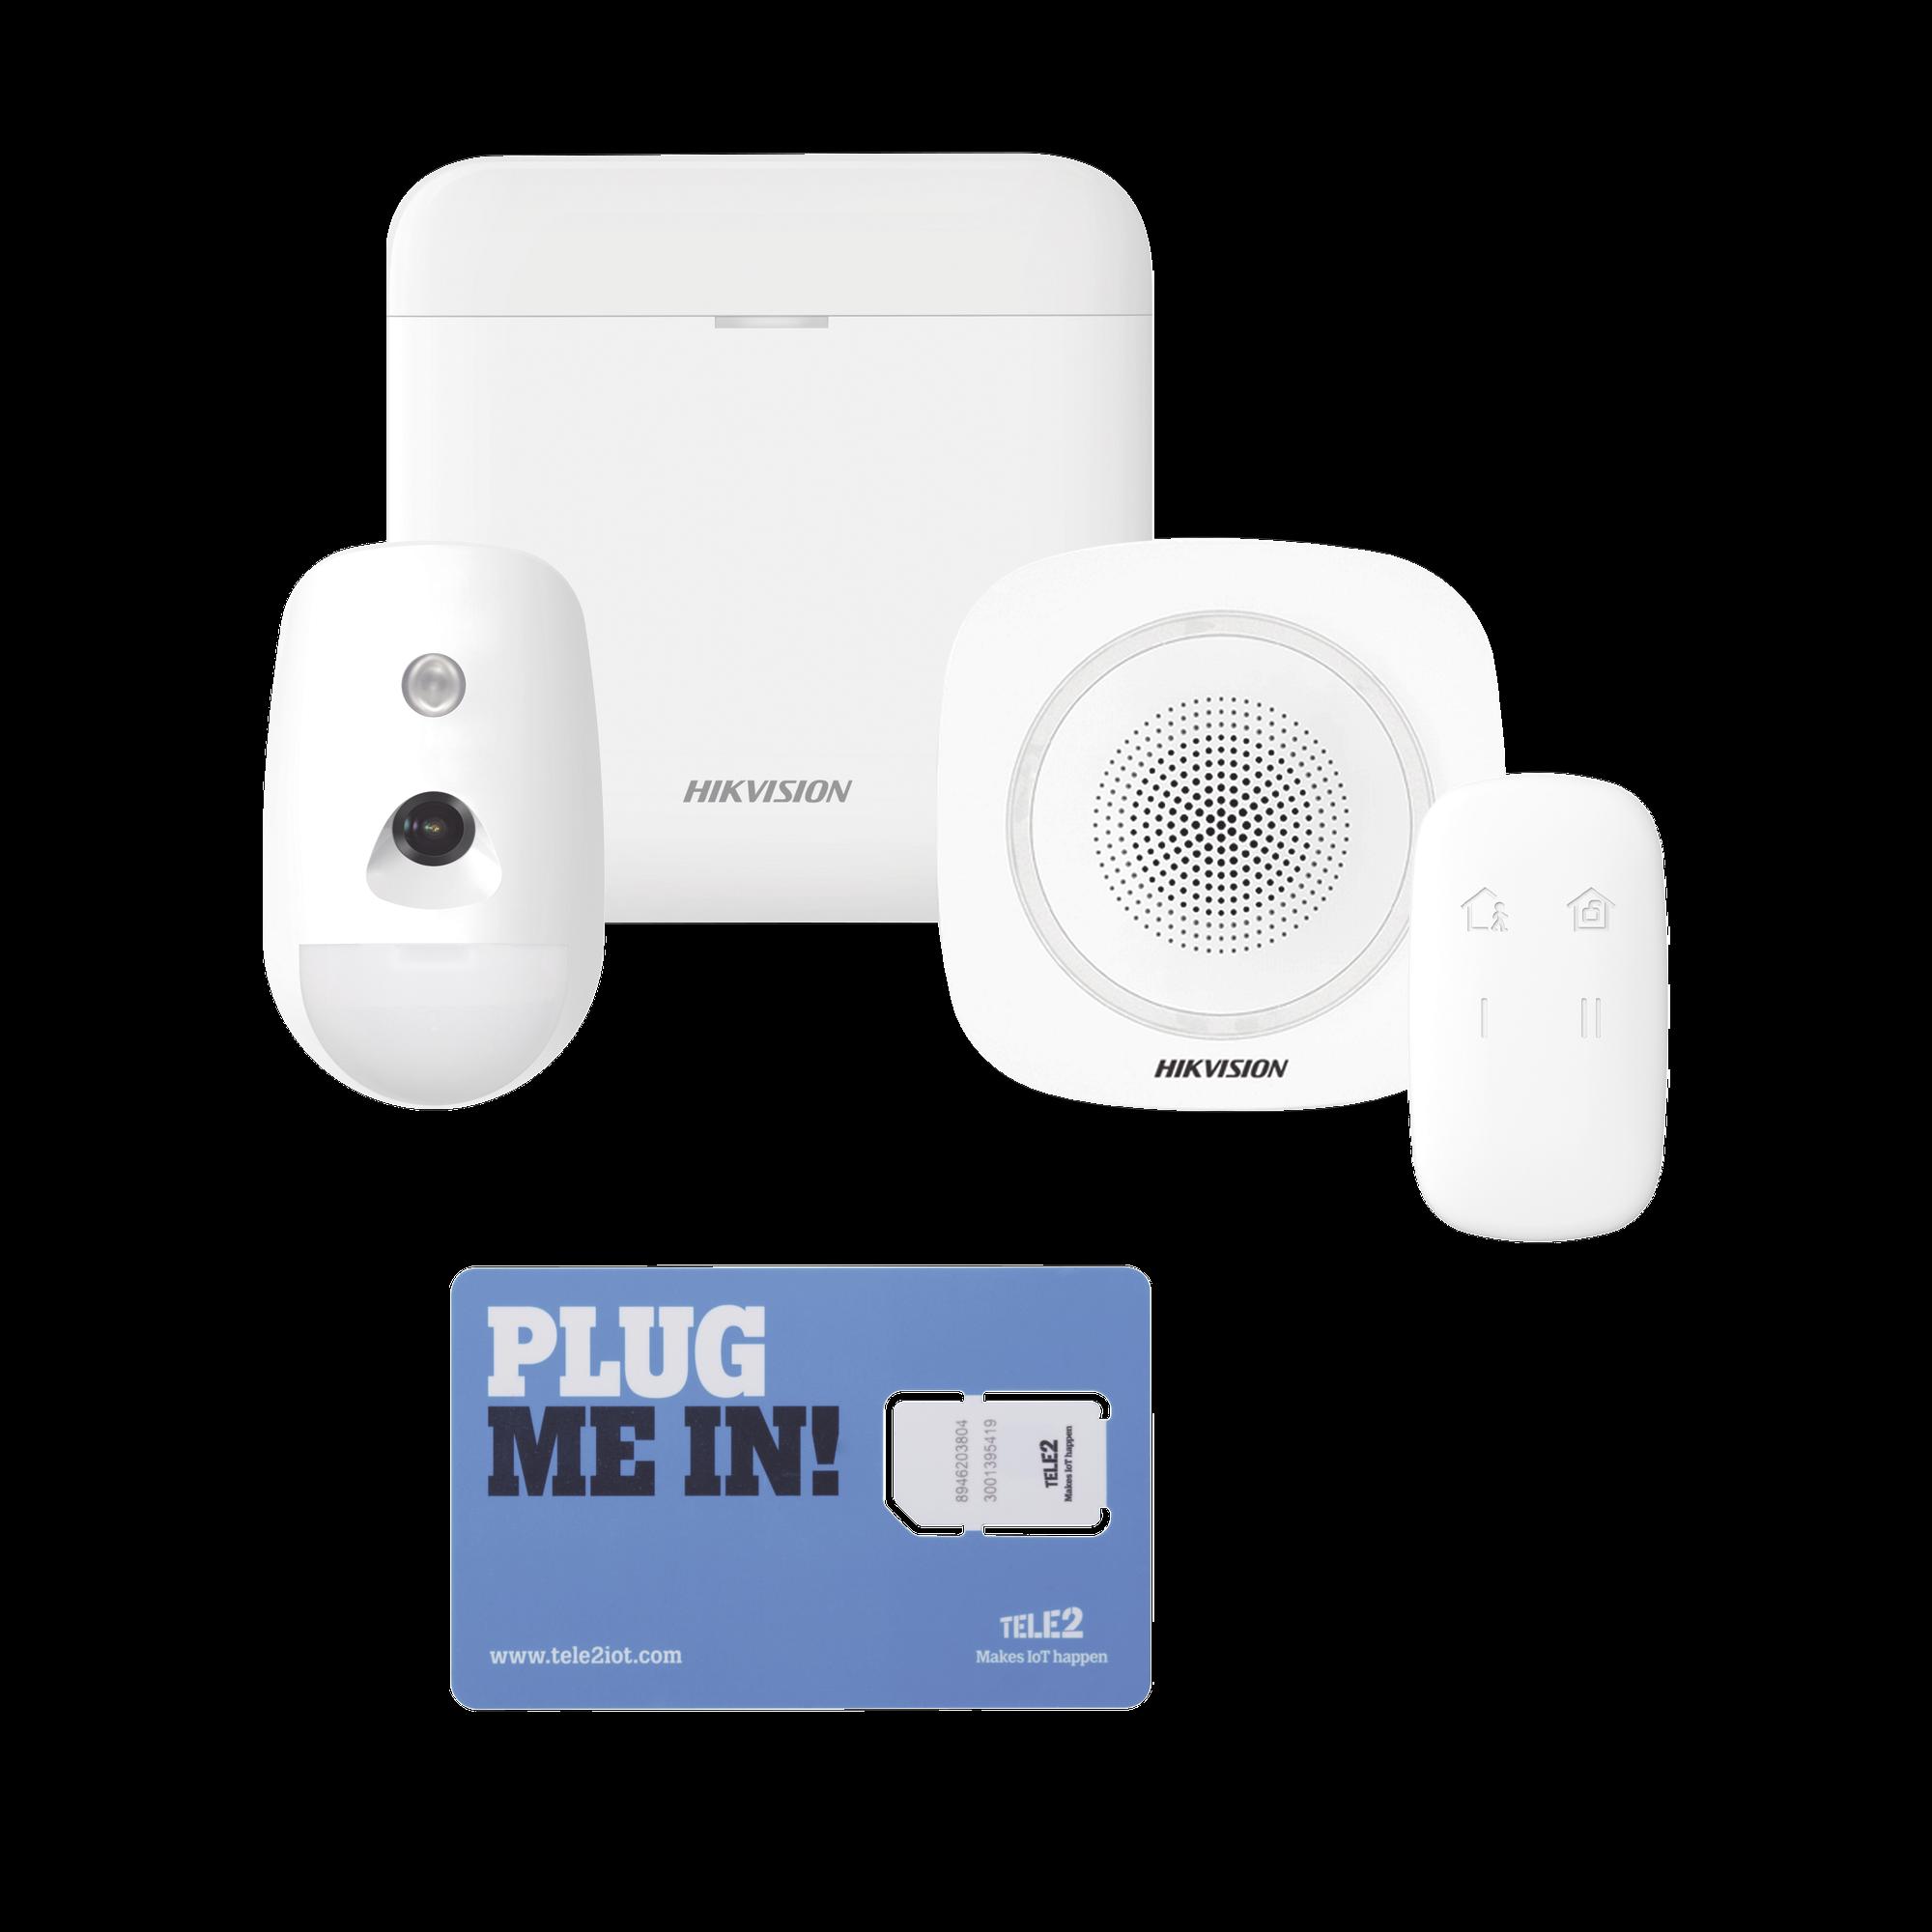 (AX PRO) KIT de Alarma AX PRO con GSM (3G/4G) / Incluye: 1 Hub / 1 Sensor PIR con Cámara / 1 Sirena Interior / 1 Control Remoto / WiFi / Compatible con Hik-Connect P2P